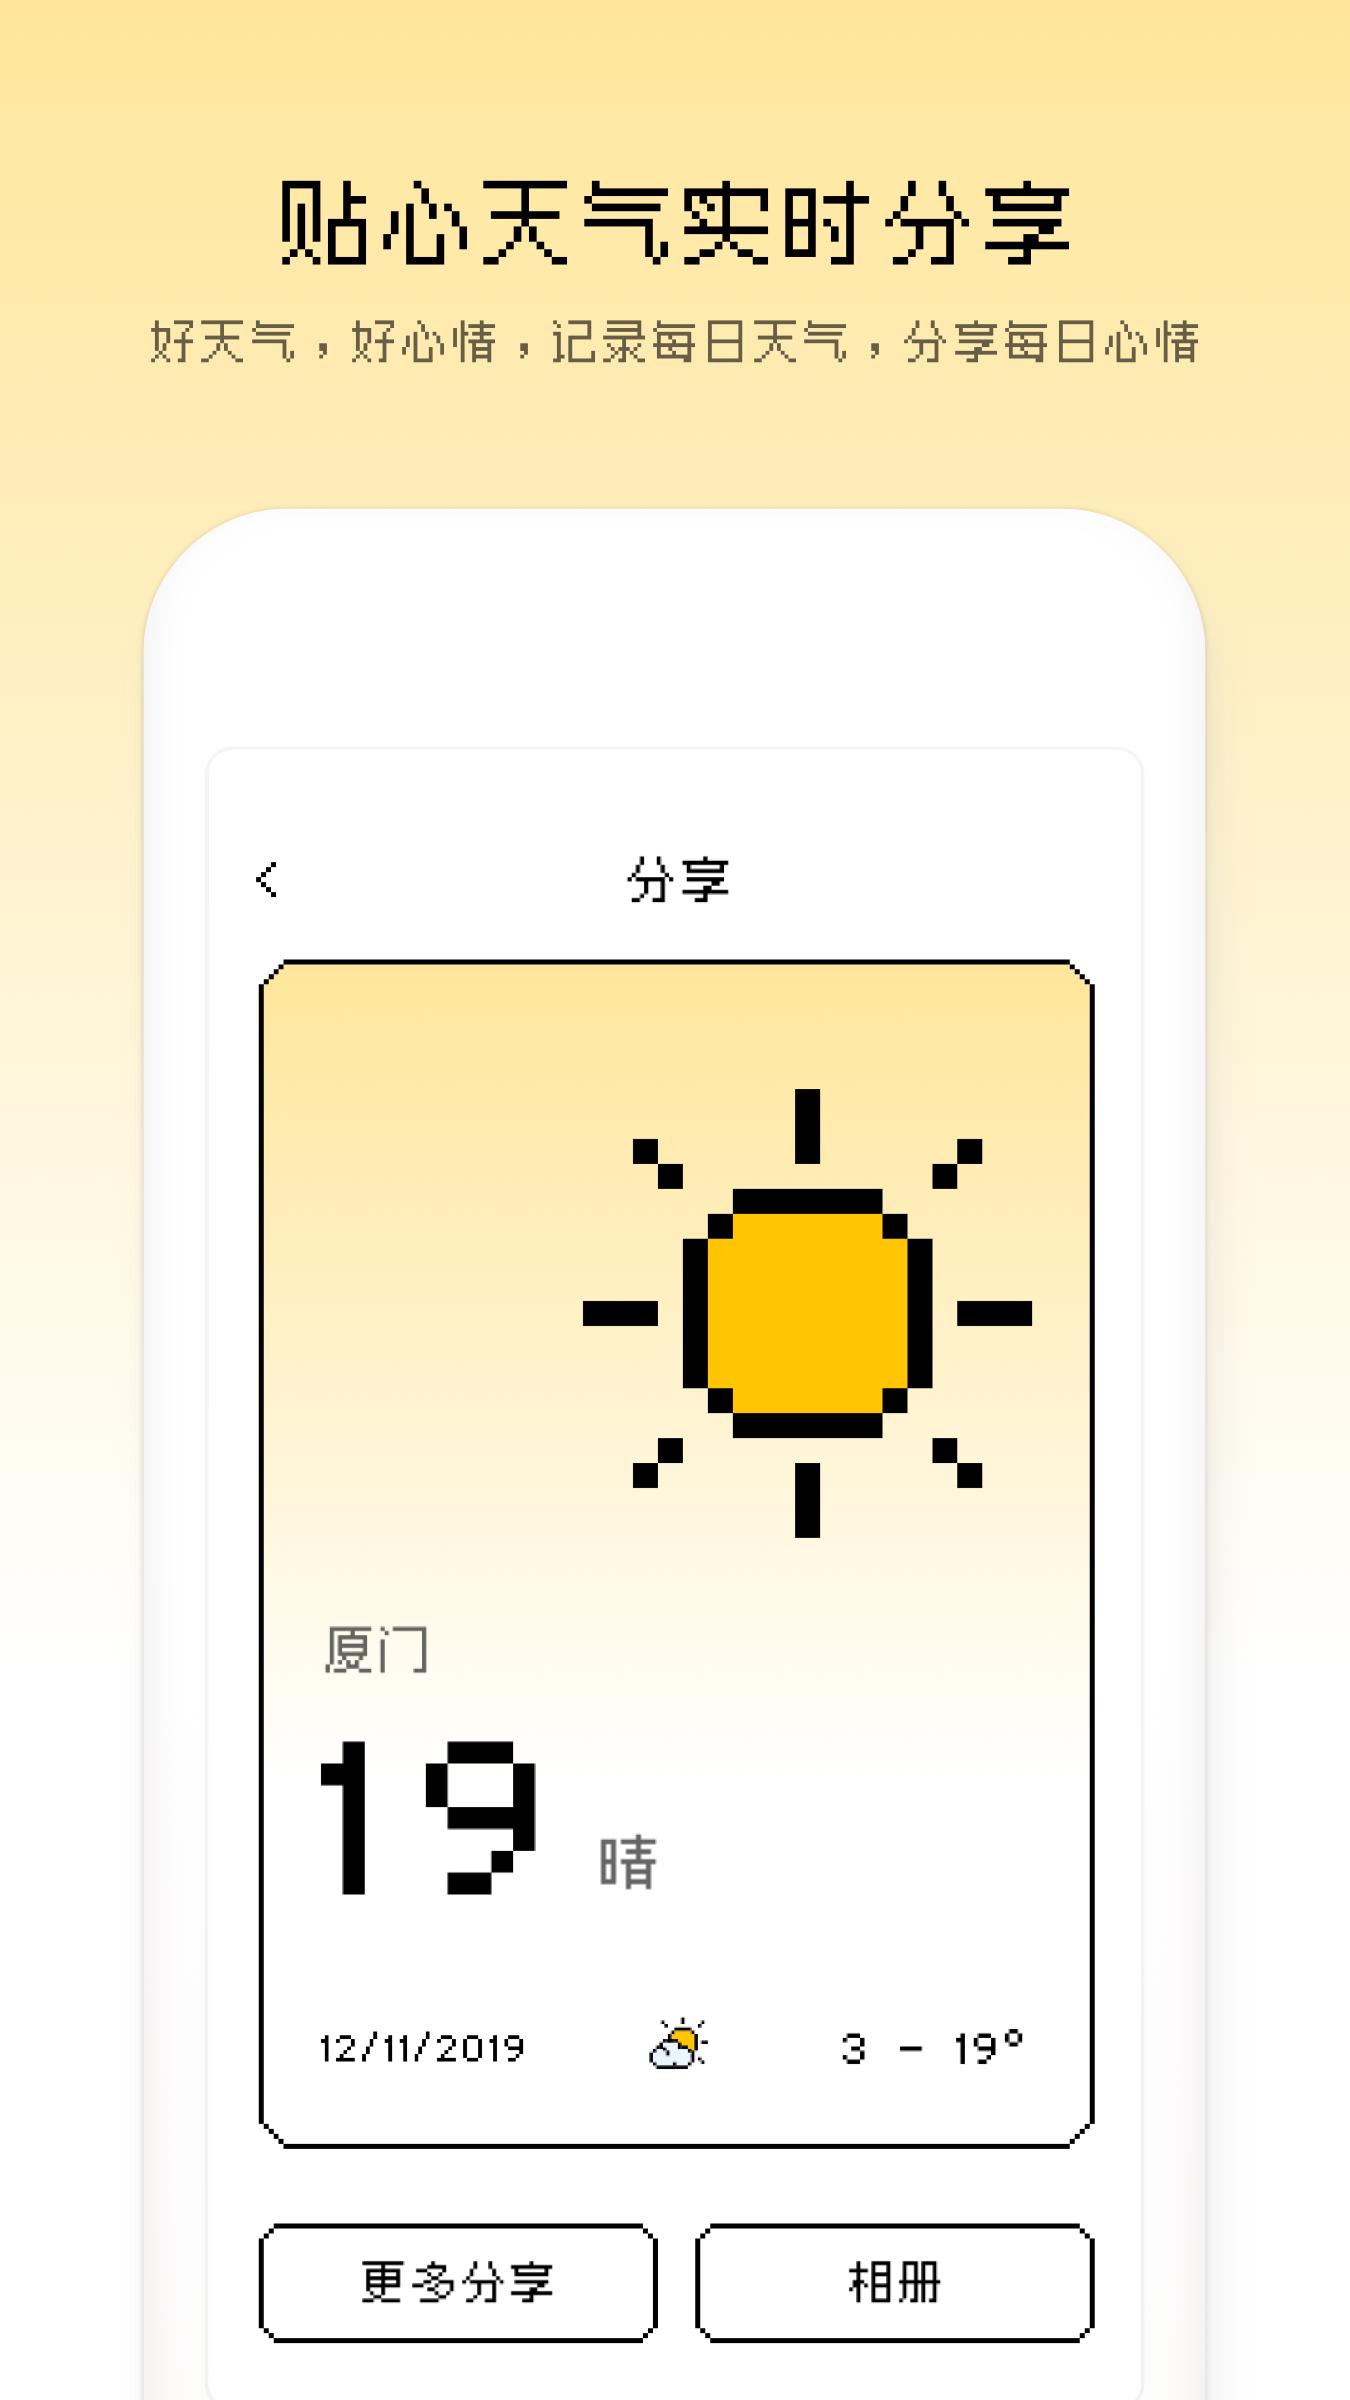 像素天气 V2.20102.0 Android版截图3